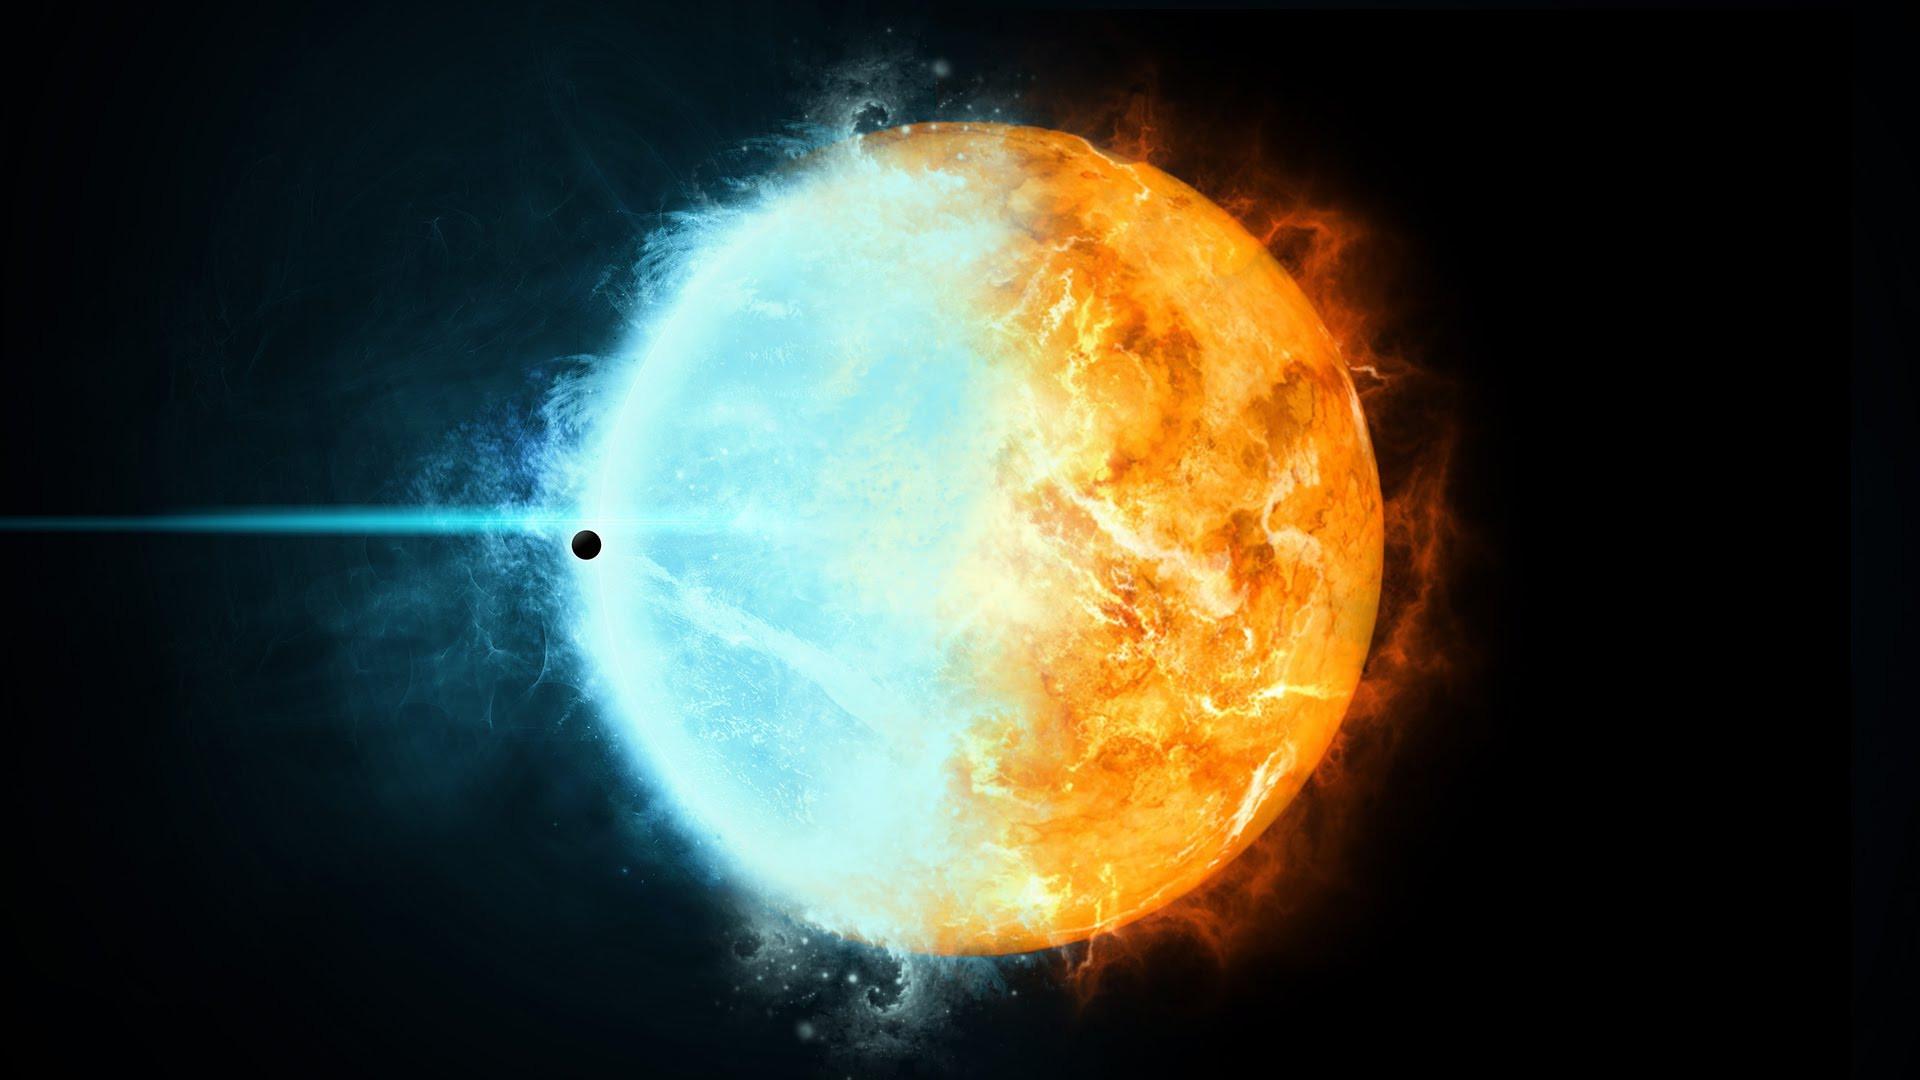 Ученые посоветовали передавать послания сЗемли, при помощи Солнца